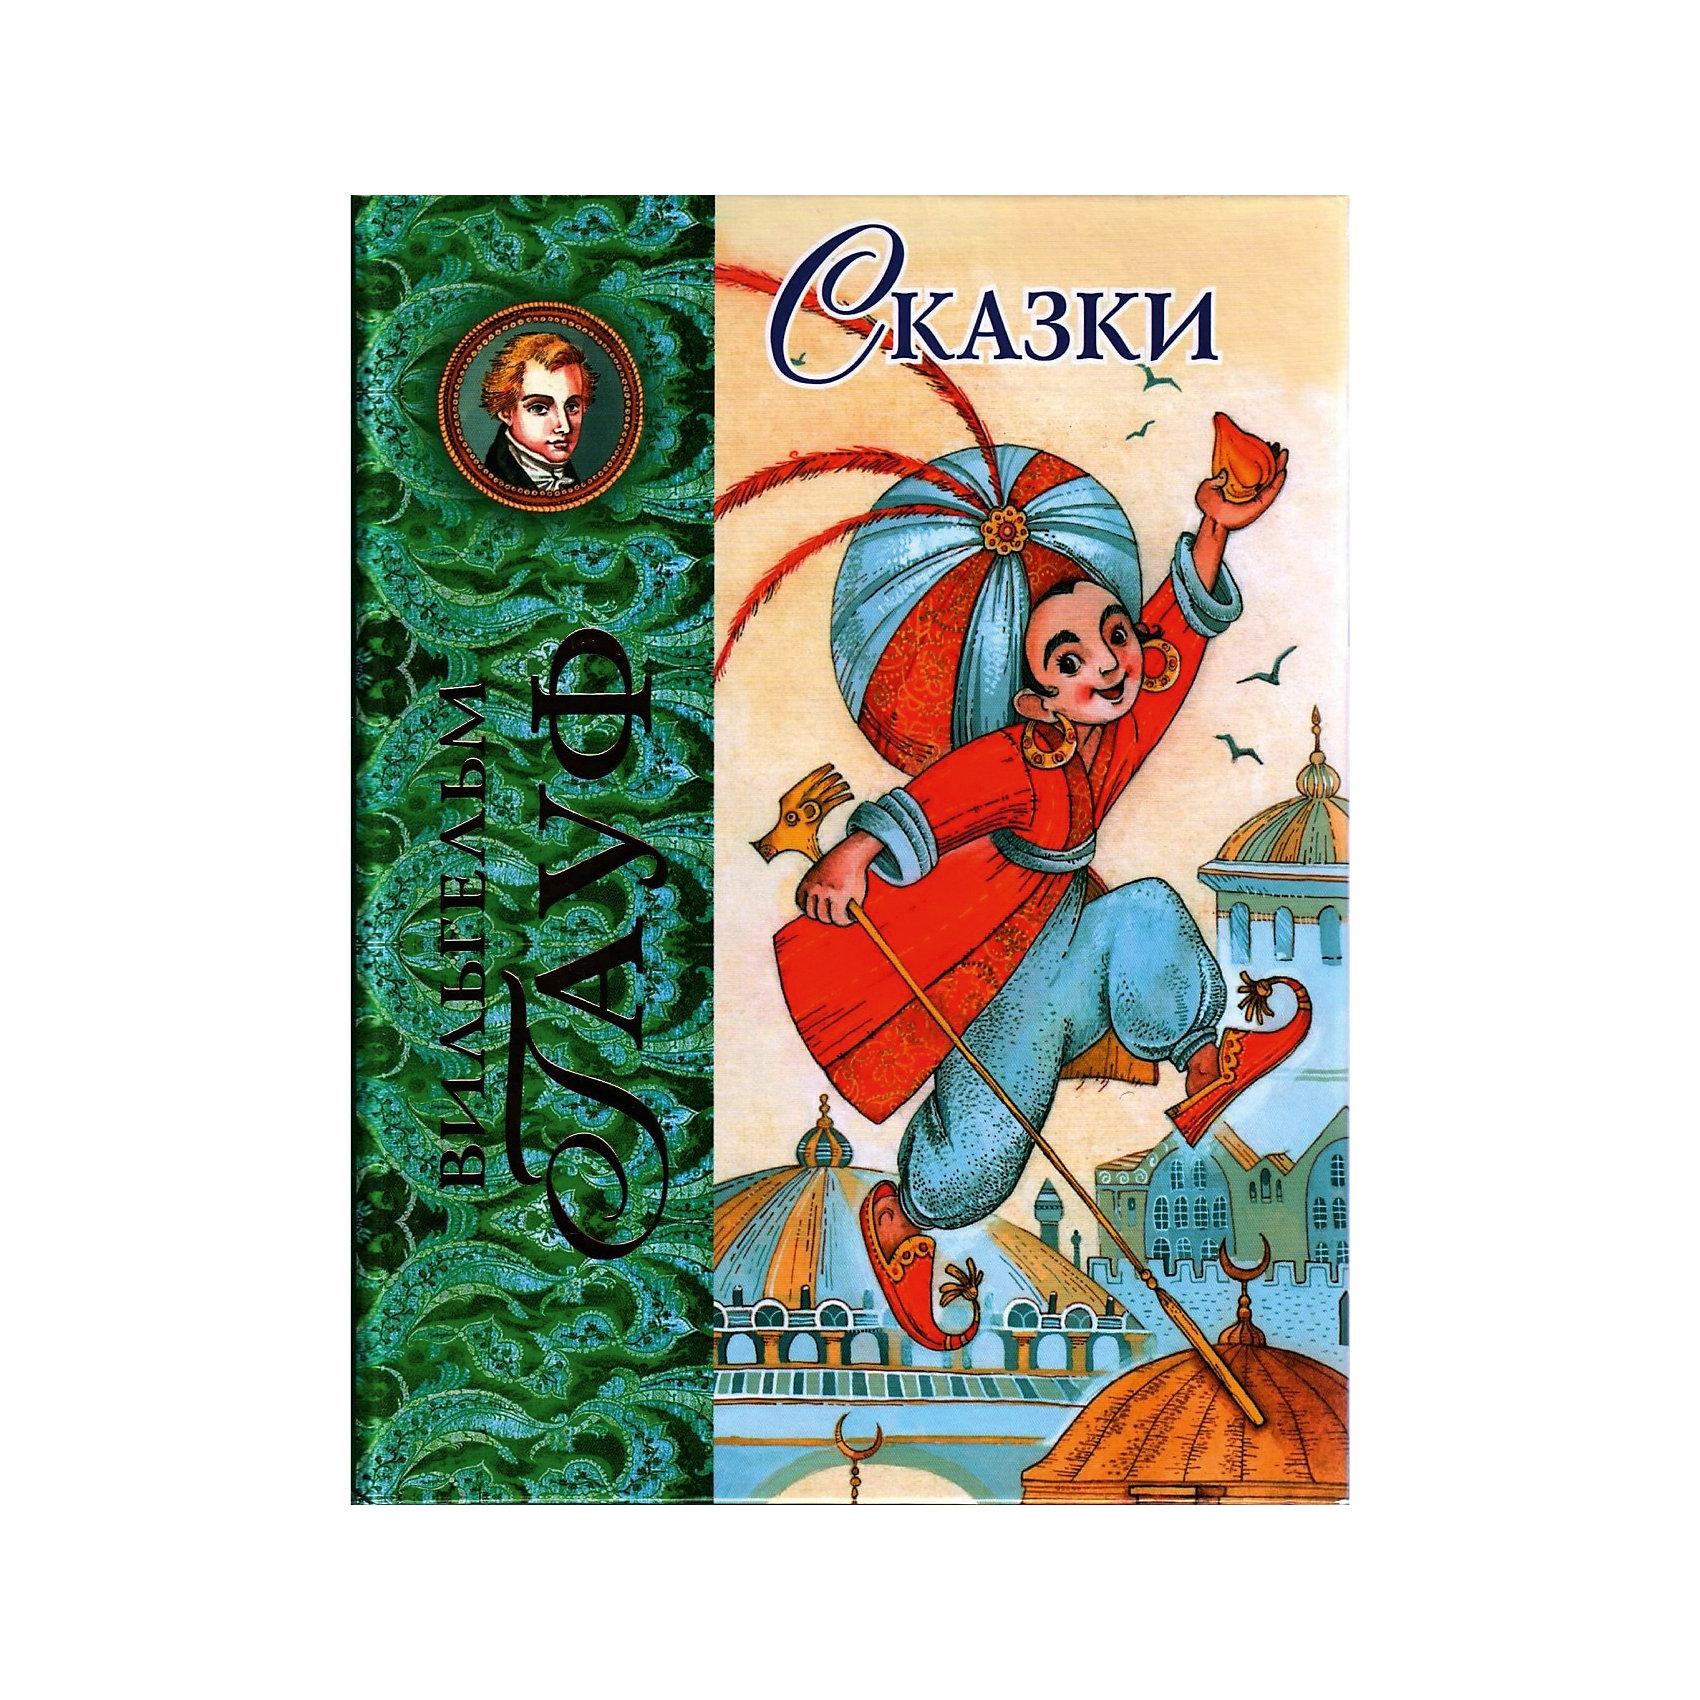 Сказки, В. ГауфСборник лучших сказок Вильгельма Гауфа станет прекрасным подарком для ребенка. Издание роскошно иллюстрировано, включает в себя сказки: Карлик Нос, Калиф-аист, Мнимый принц, Маленький Мук. <br><br>Дополнительная информация:<br><br>- Автор: Вильгельм Гауф.<br>- Иллюстратор: М. Митрофанов.<br>- Формат: 26,5х20,3 см.<br>- Переплет: твердый.<br>- Количество страниц: 184.<br>- Иллюстрации: цветные.<br><br>Сказки Вильгельма Гауфа (ил. М. Митрофанова) можно купить в нашем магазине.<br><br>Ширина мм: 255<br>Глубина мм: 197<br>Высота мм: 19<br>Вес г: 748<br>Возраст от месяцев: 36<br>Возраст до месяцев: 72<br>Пол: Унисекс<br>Возраст: Детский<br>SKU: 4414919